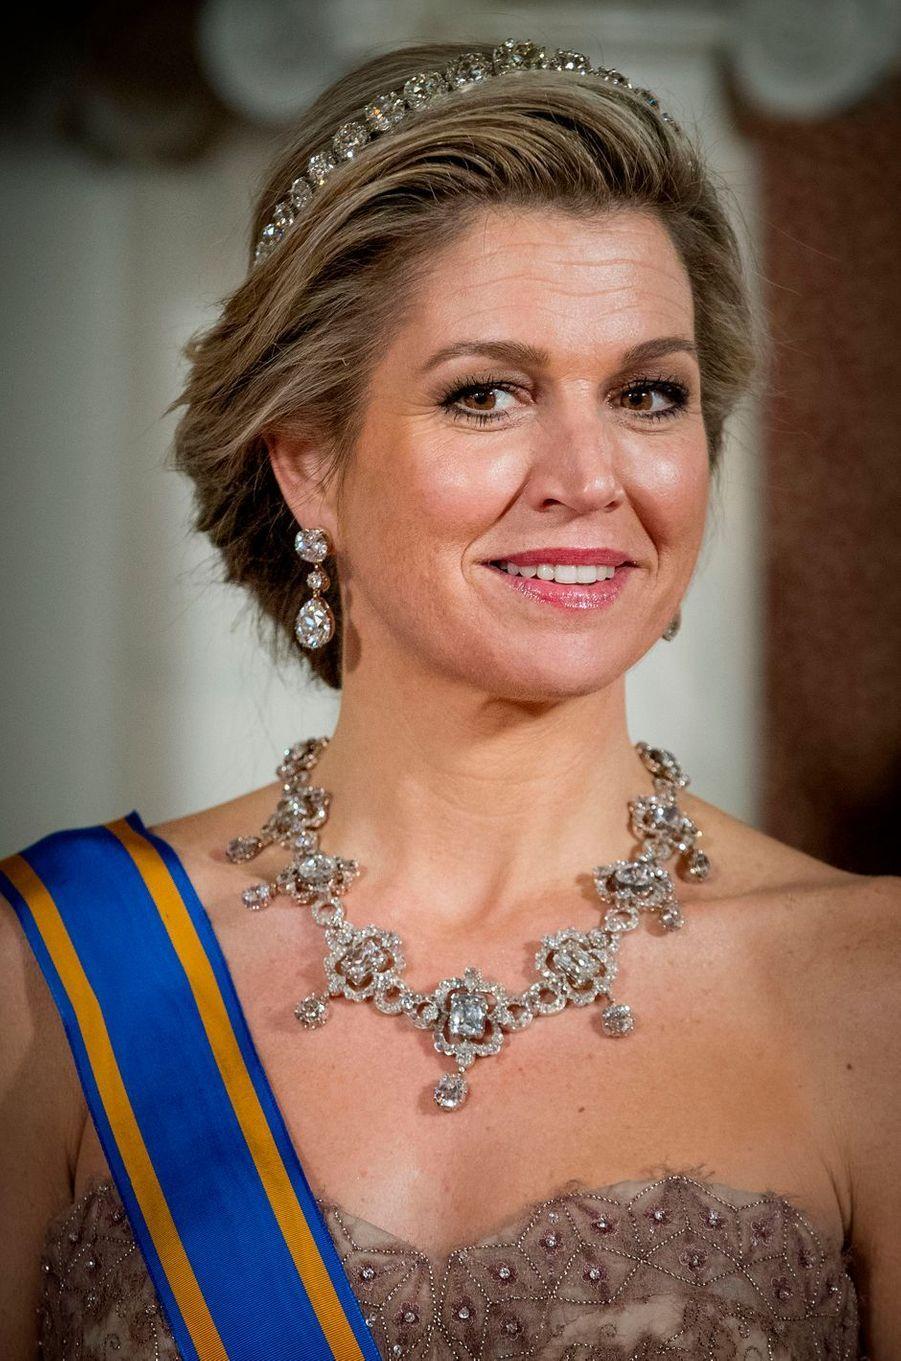 La reine Maxima des Pays-Bas parée de diamants à Amsterdam, le 27 mars 2017